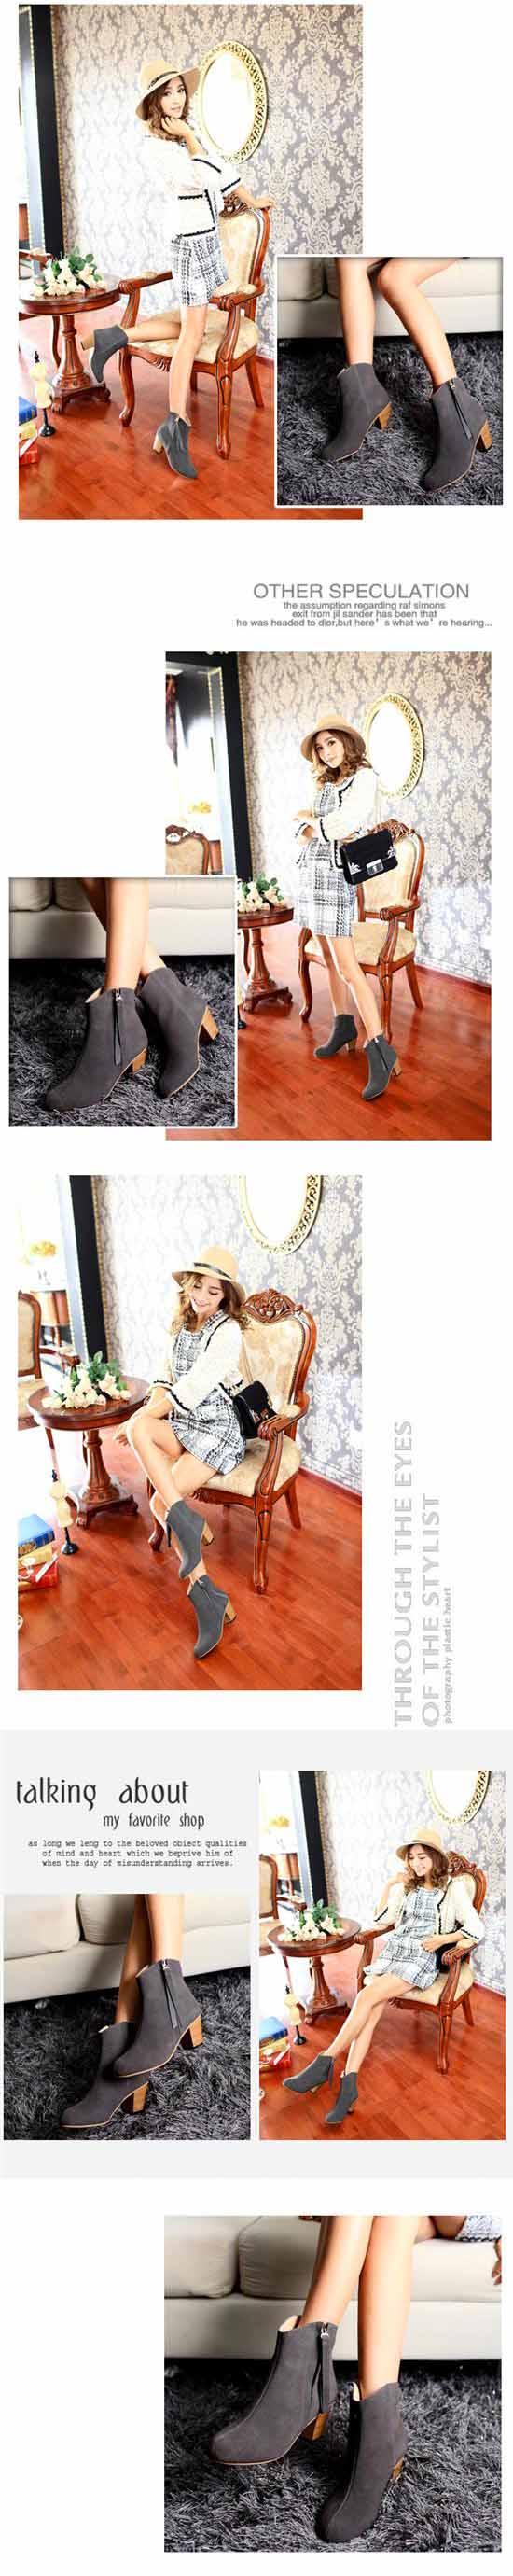 รองเท้าบูท แฟชั่นเกาหลีหุ้มข้อหนังแท้สวย นำเข้า ไซส์34ถึง40 พรีออเดอร์